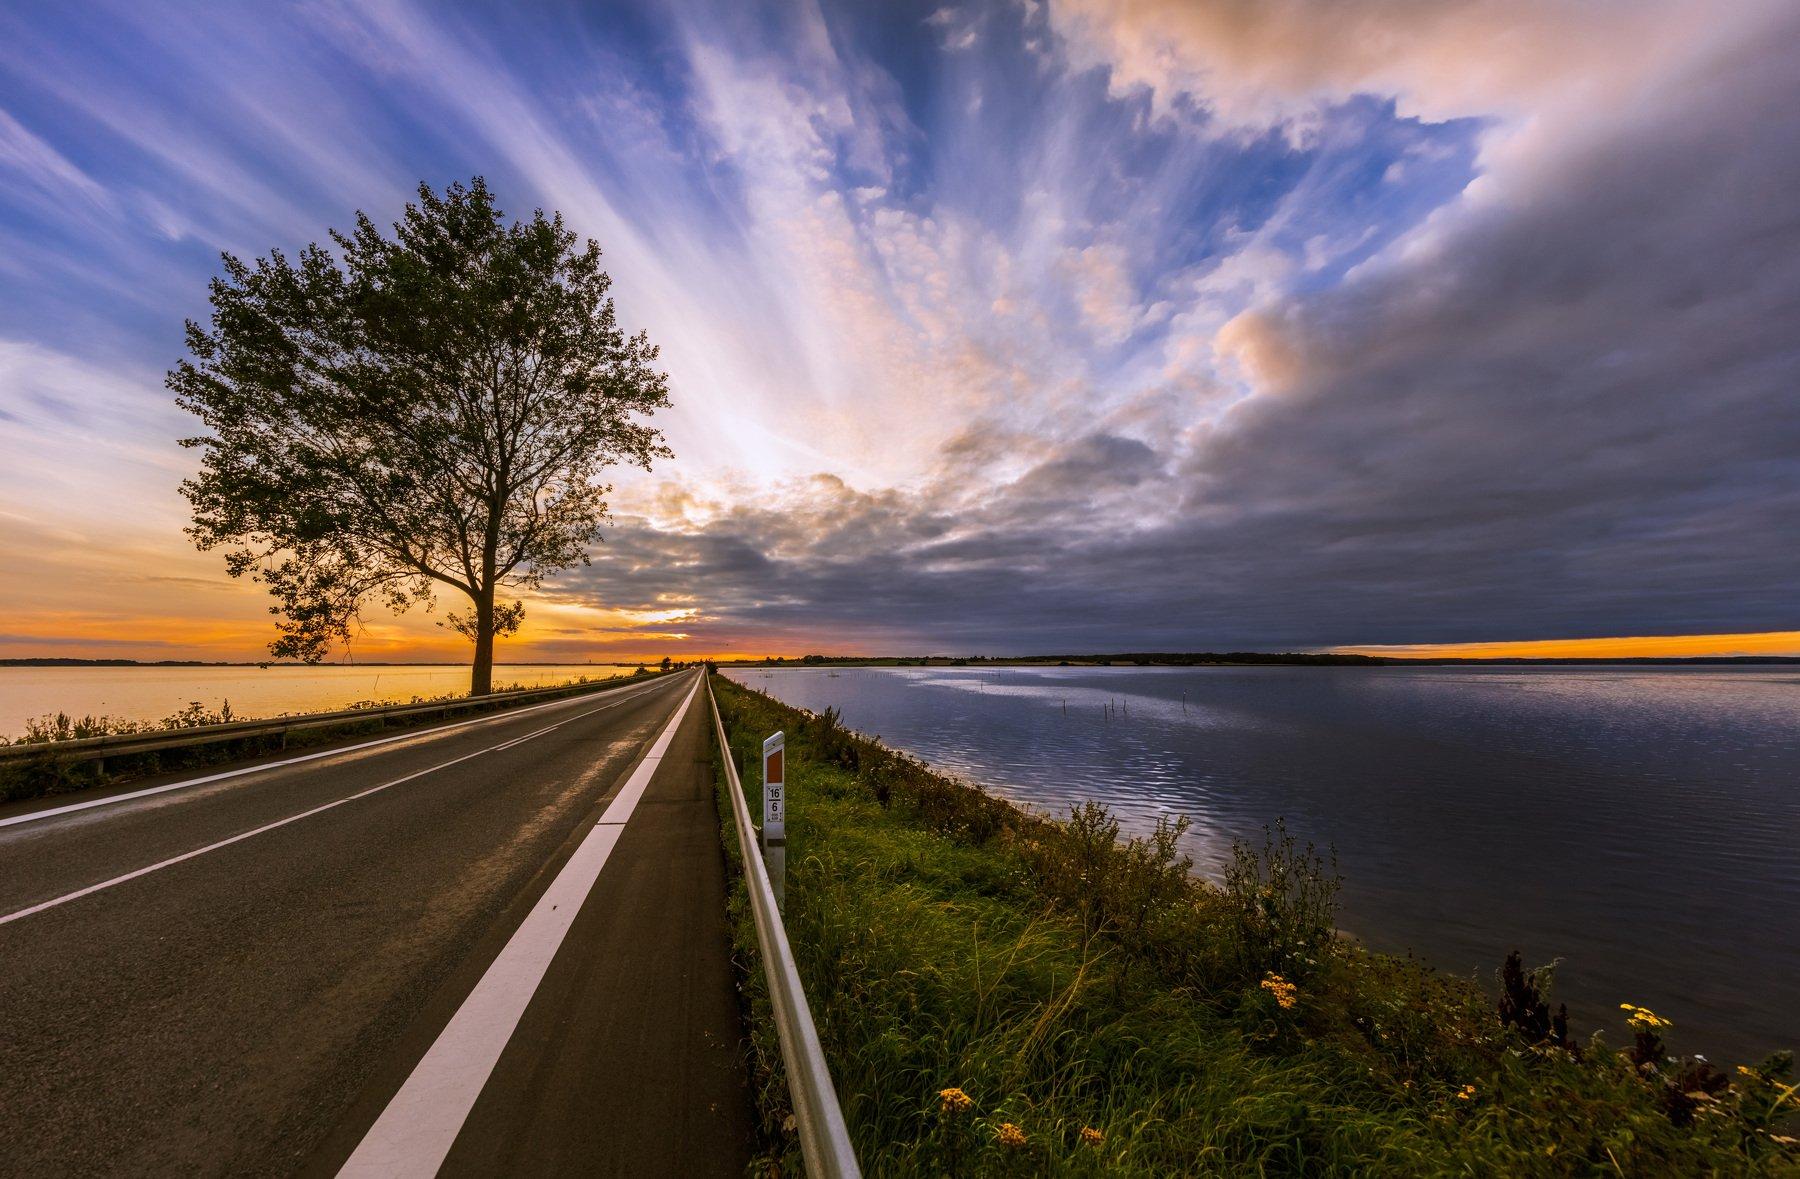 дания, мост, дерево, дорога, облака, закат,, Marat Max (Марат Макс)